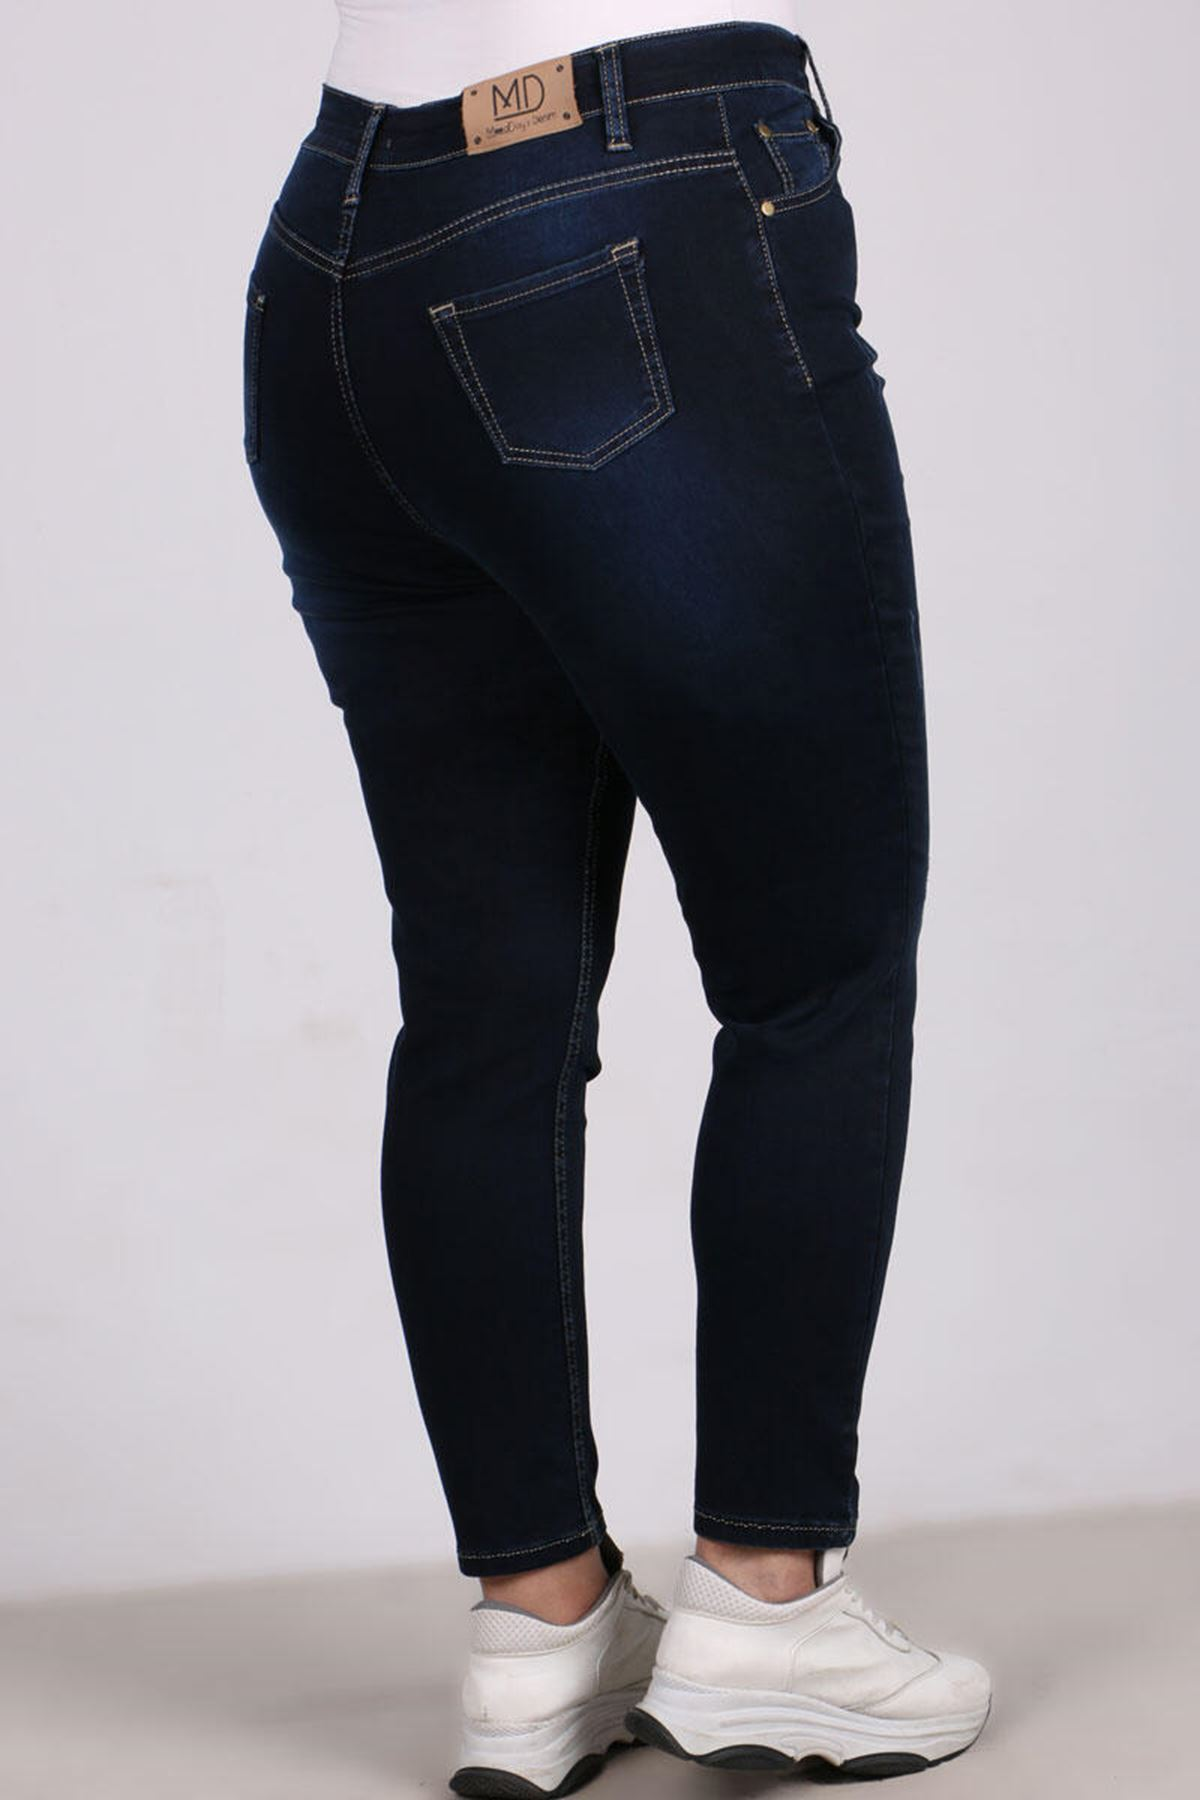 9117 -1 بنطلون جينز ضيق الساق مقاس كبير - كحلي